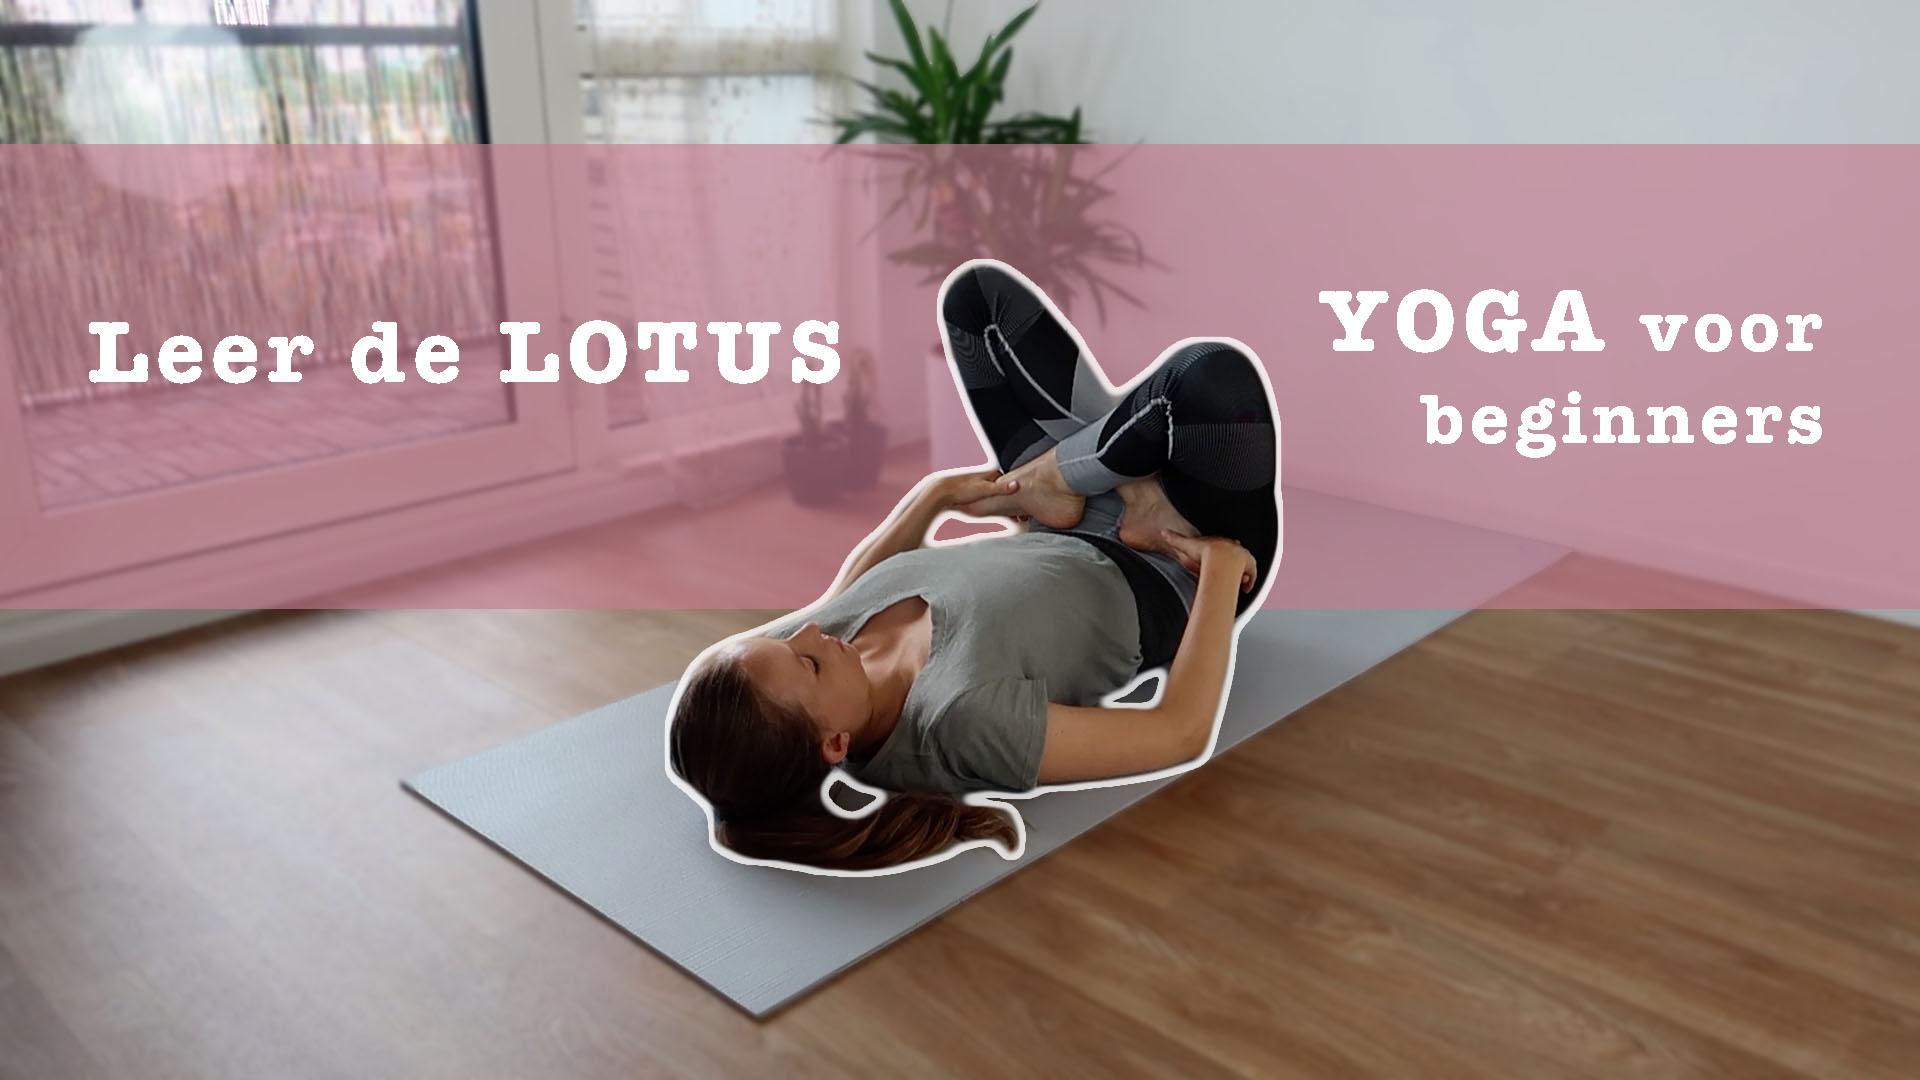 yogales lotus voor beginners